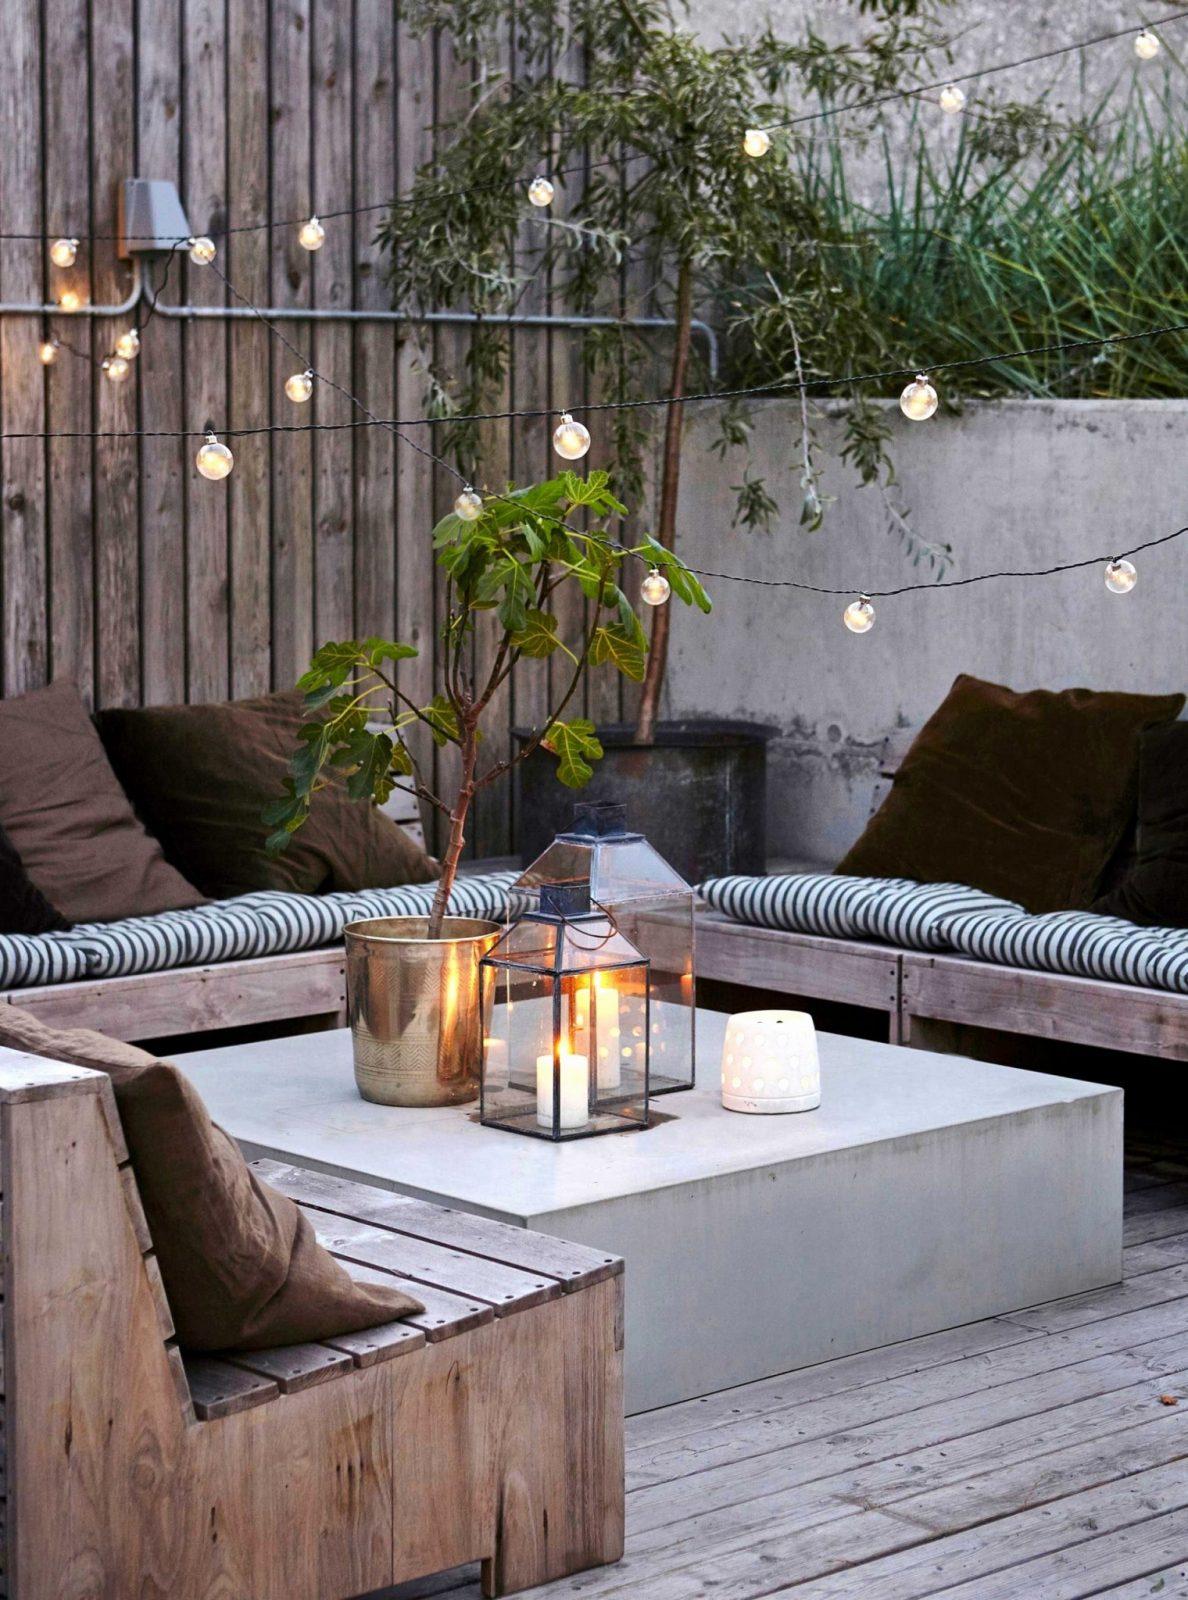 Balkon Gestalten Mit Wenig Geld Luxus Luxus 40 Kleine Terrasse Für von Balkon Gestalten Mit Wenig Geld Bild